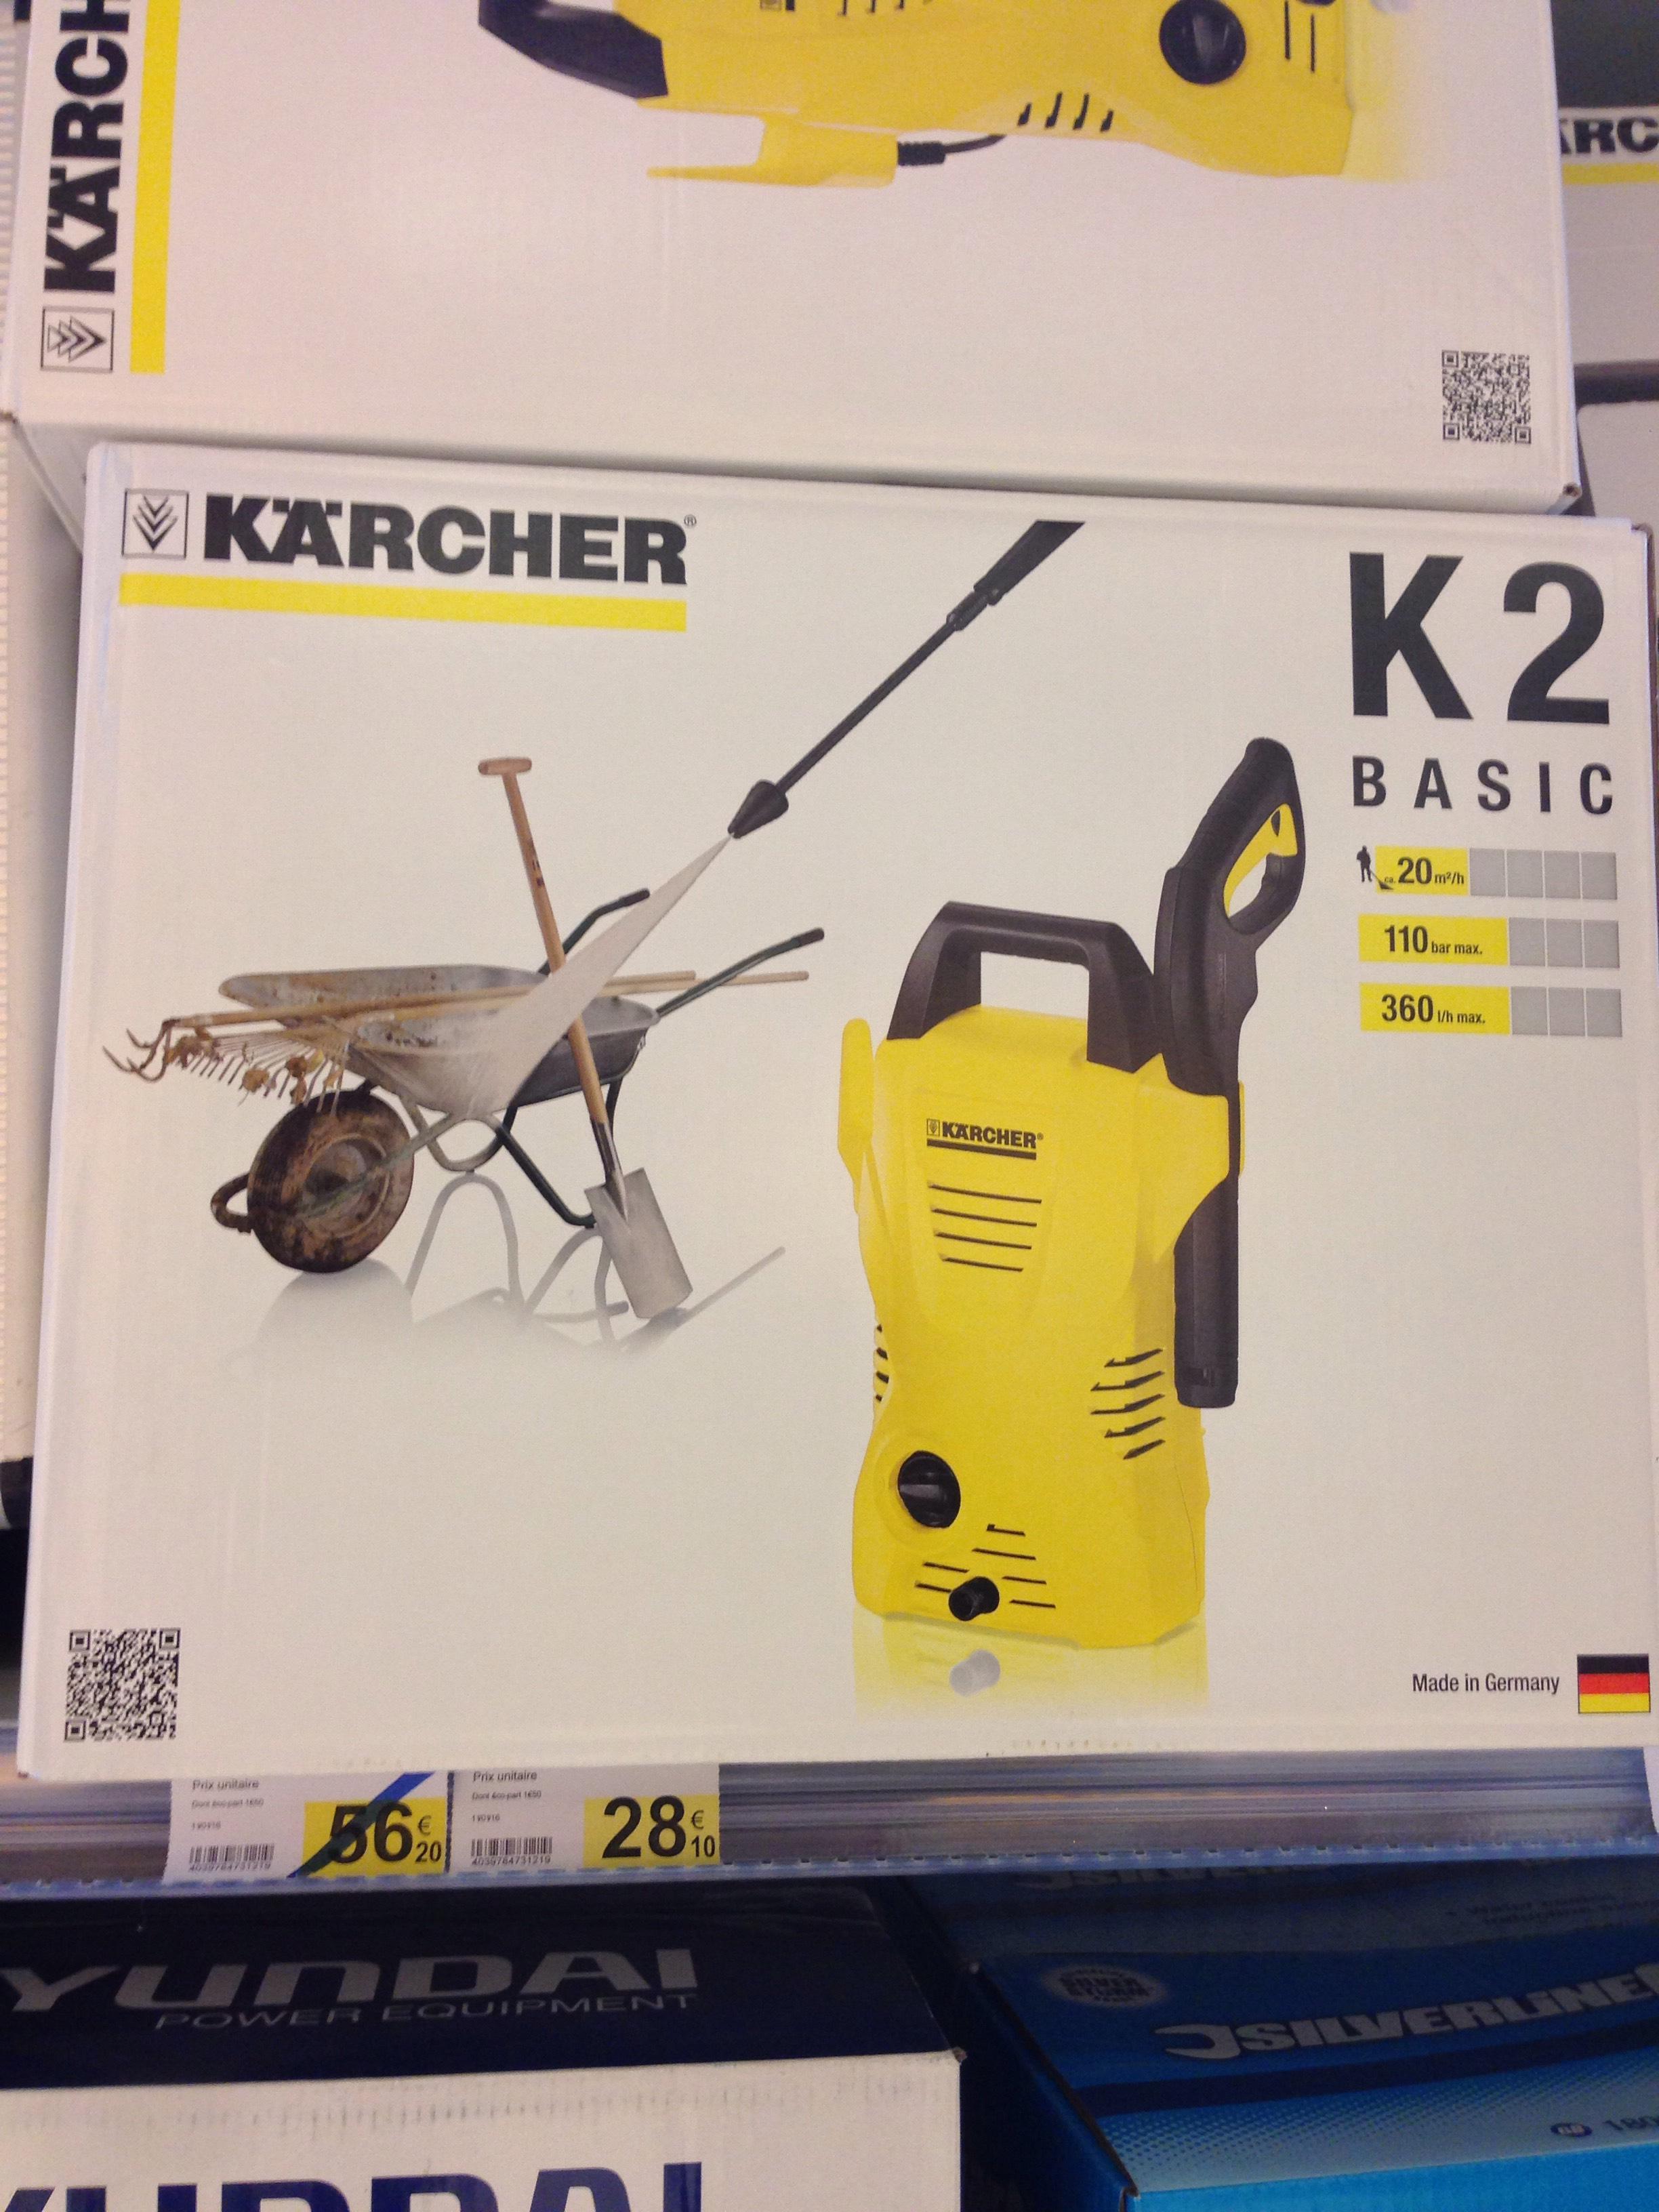 Nettoyeur haute pression Karcher K2 à 56€ ou K2 Basic